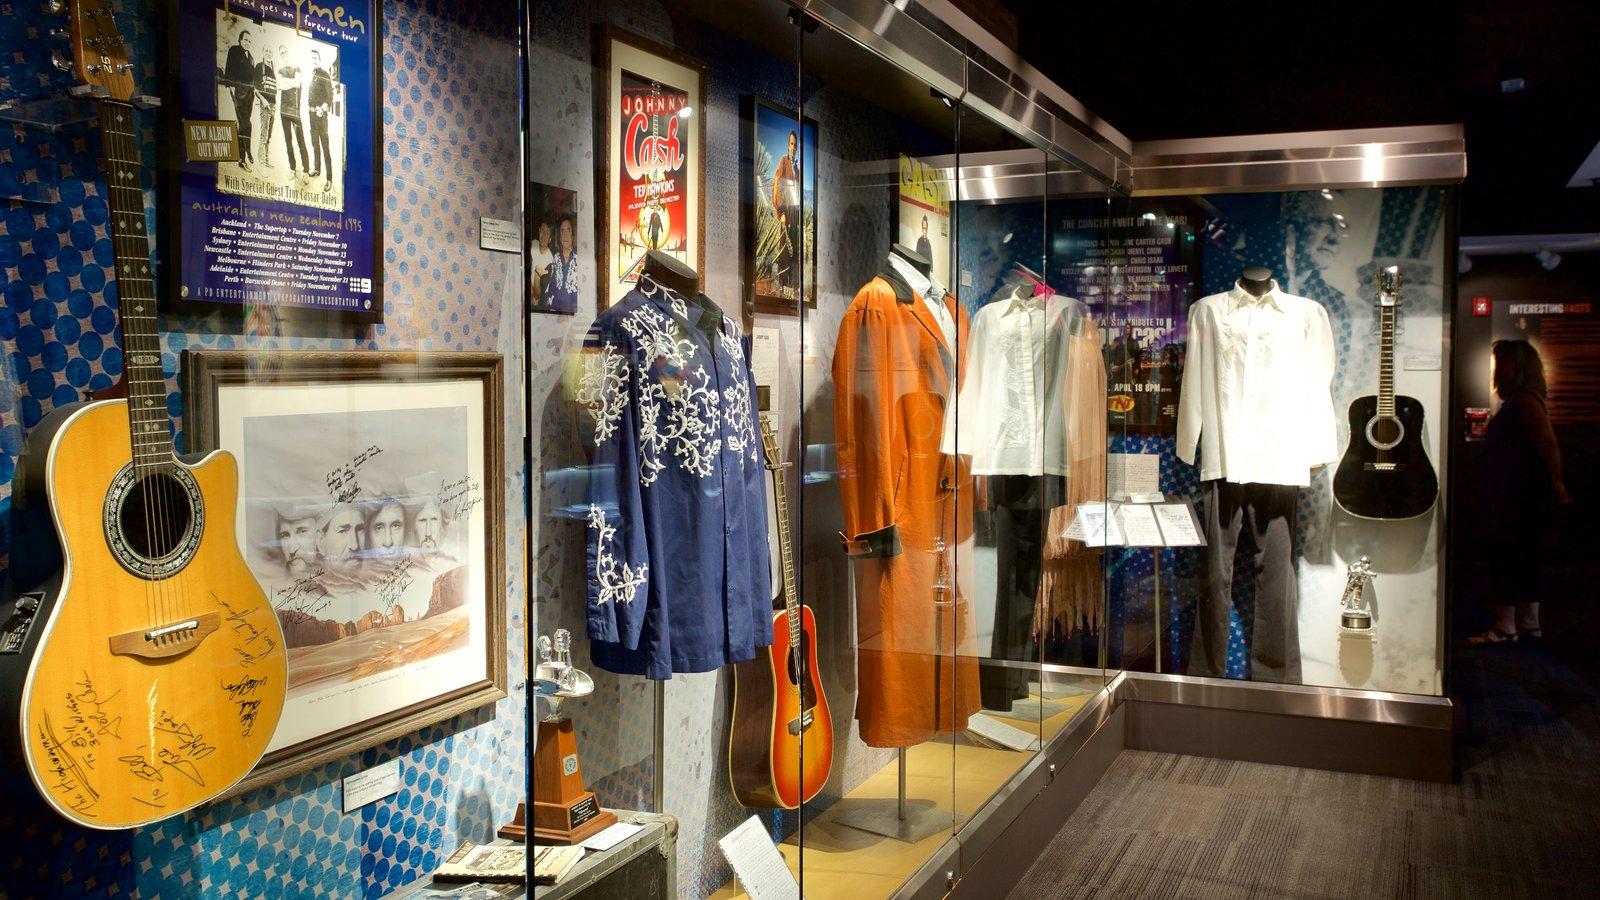 Museo Johnny Cash que incluye vistas interiores y música